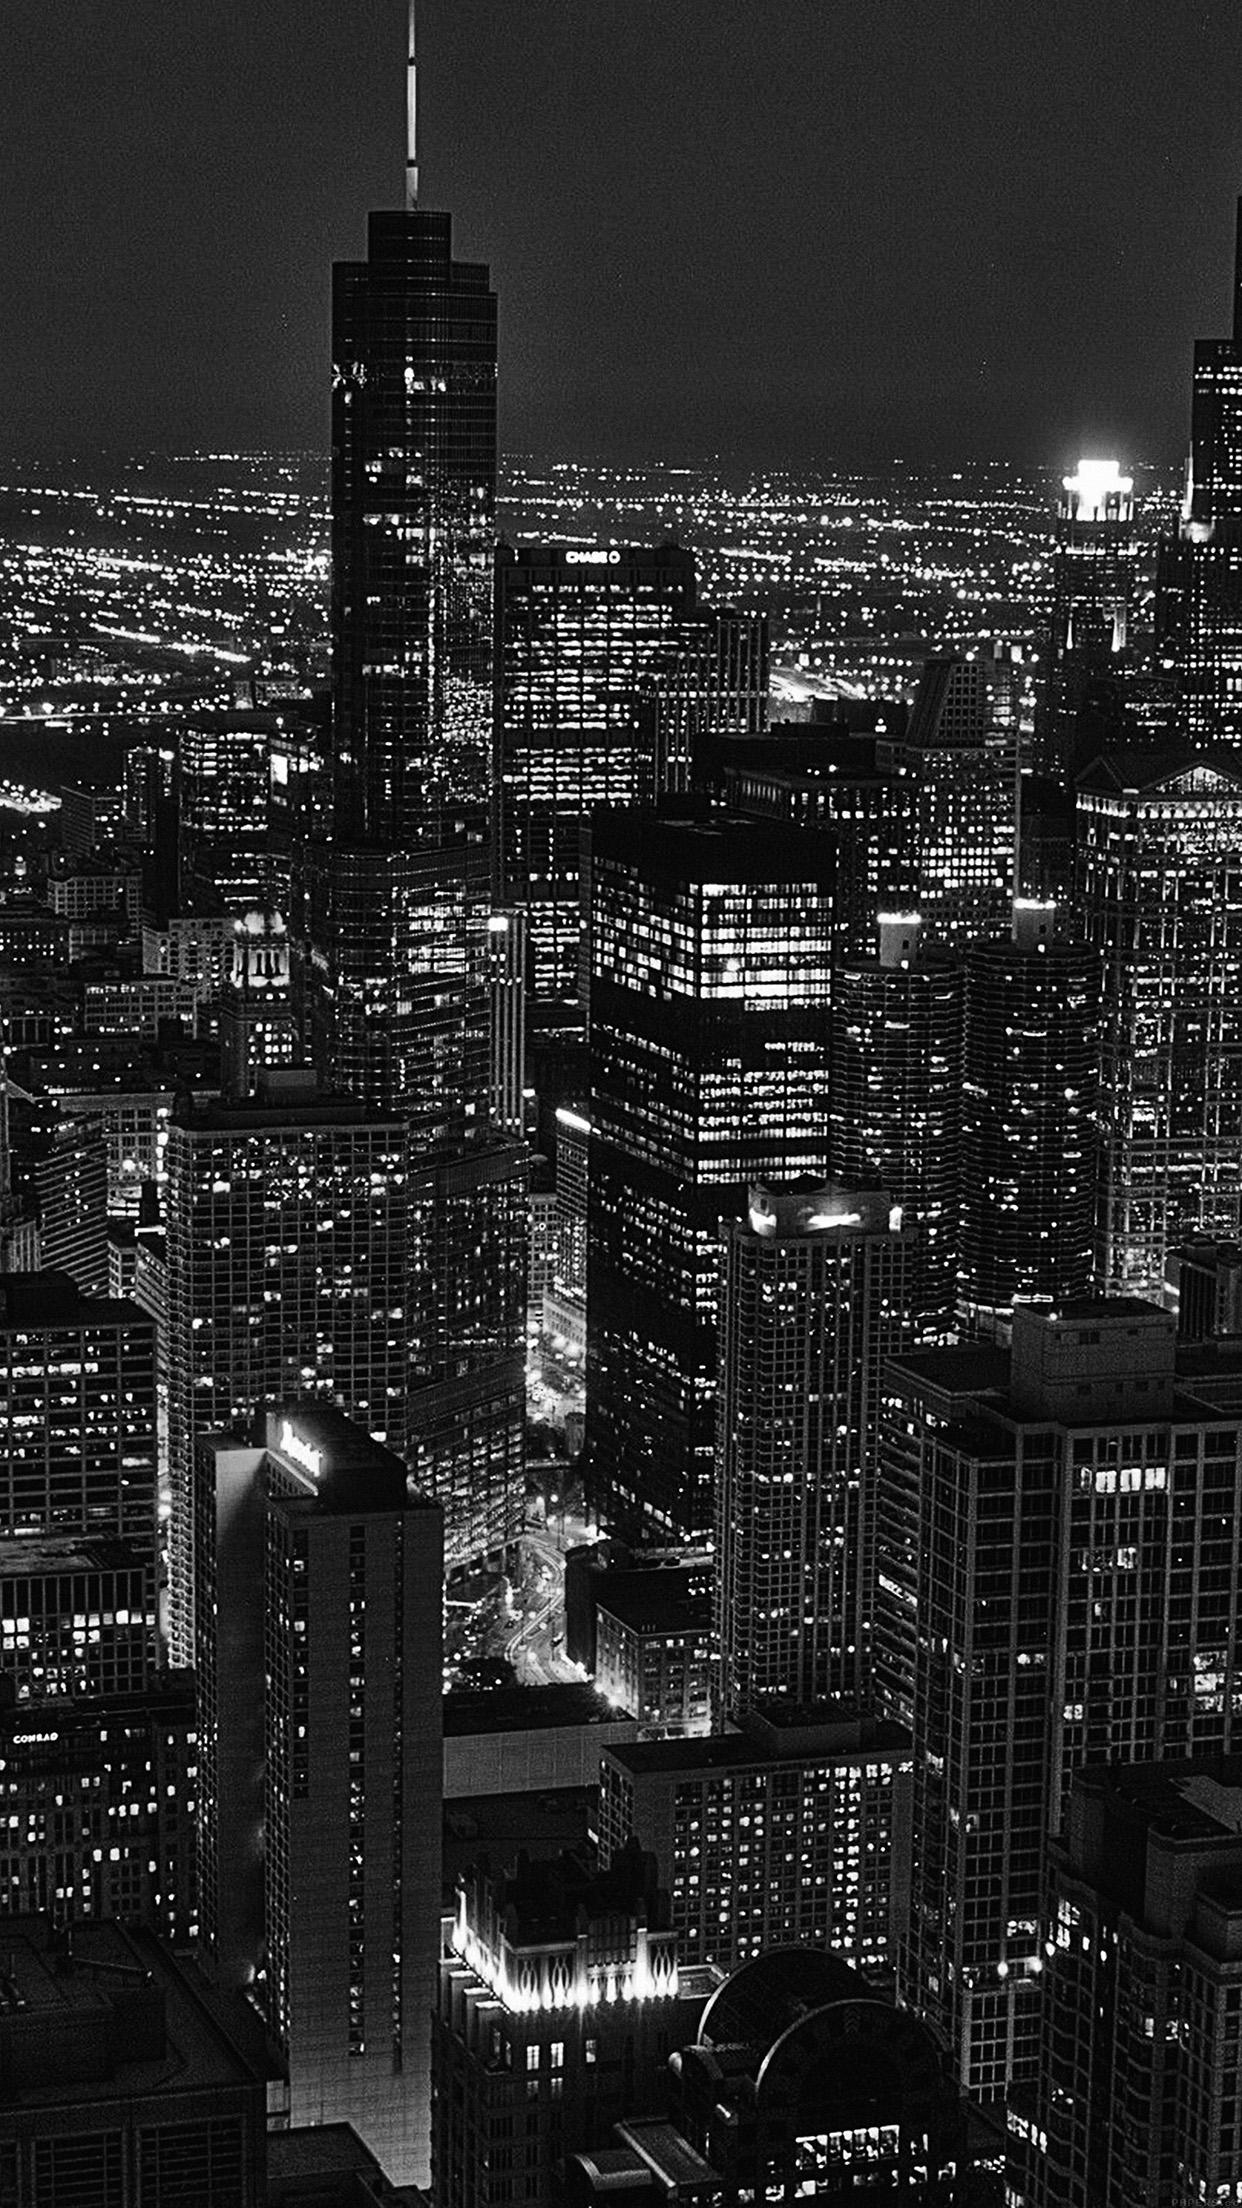 Ml84 City View Night Dark Bw Wallpaper